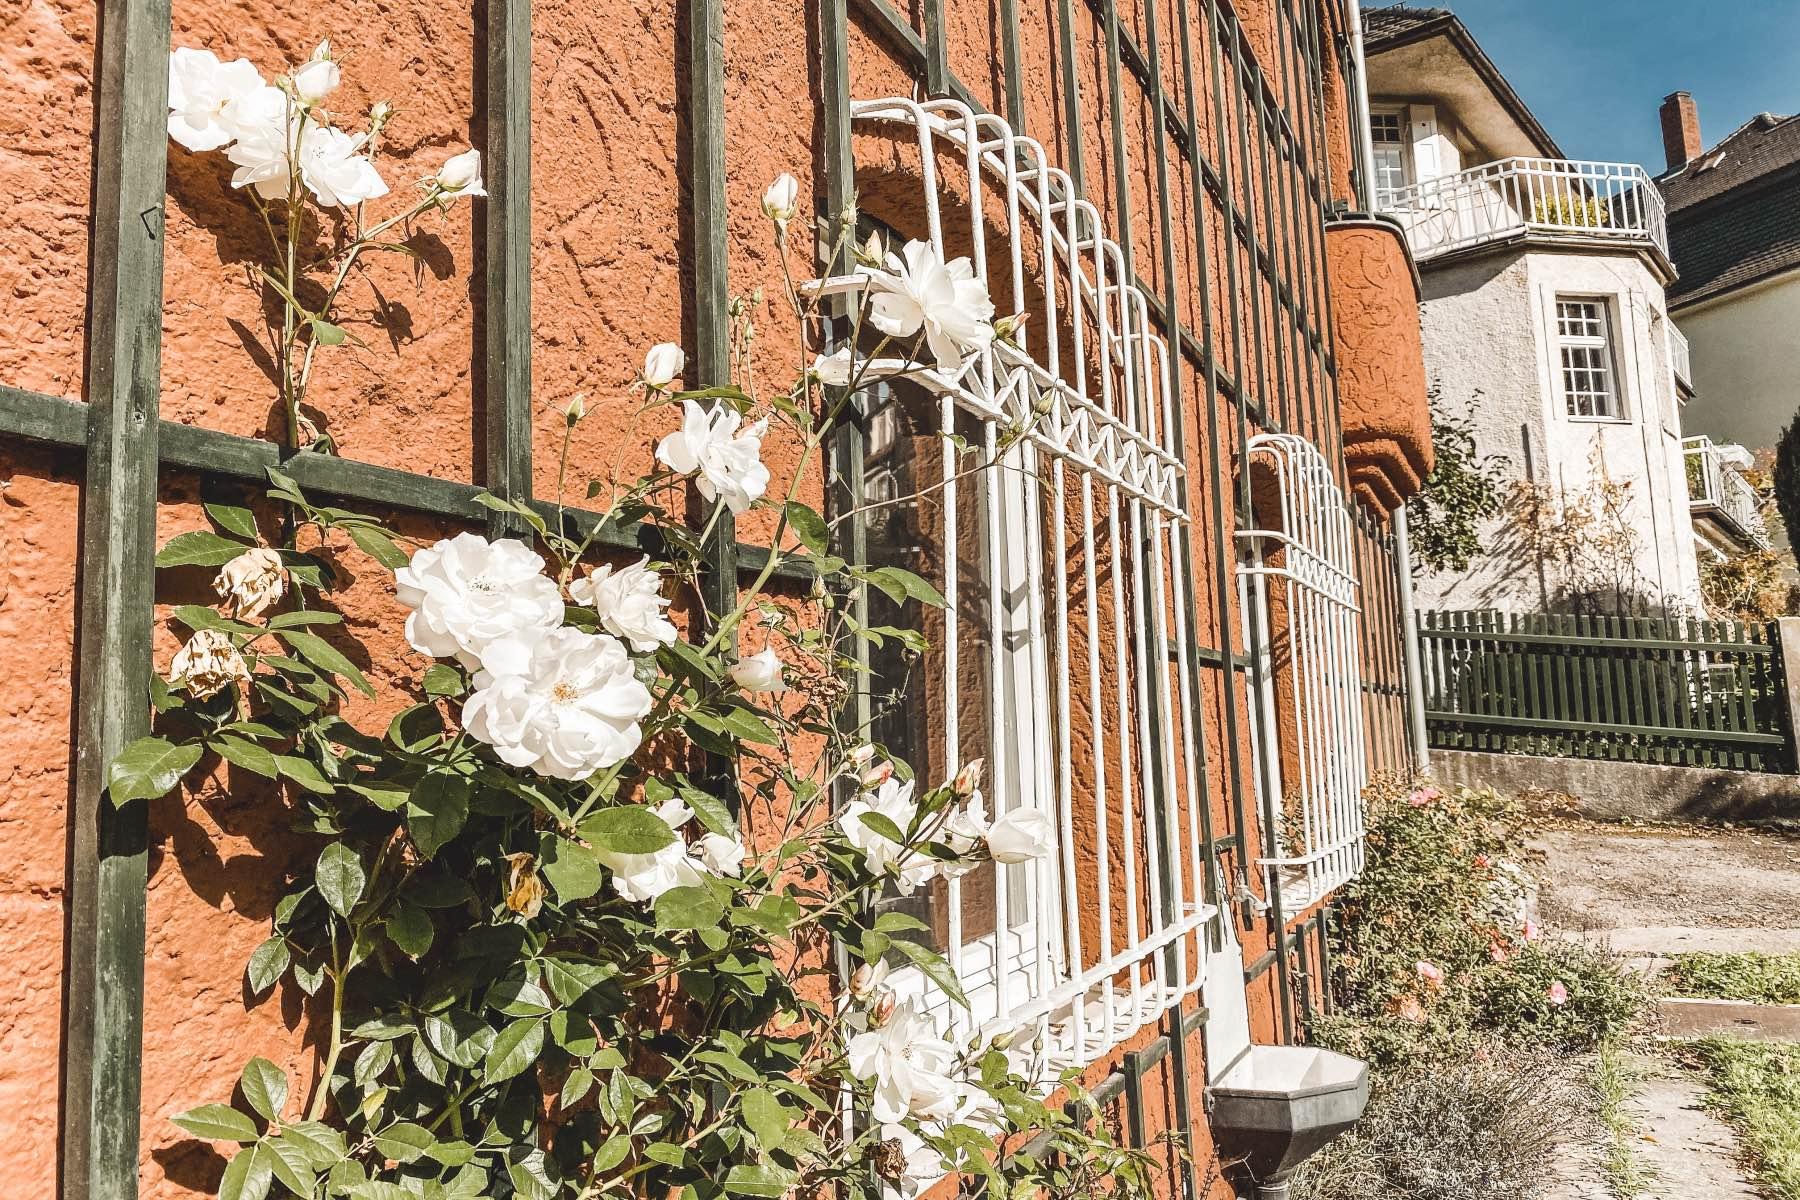 Augsburger Stadtteile Thelottviertel haus mit Rosen